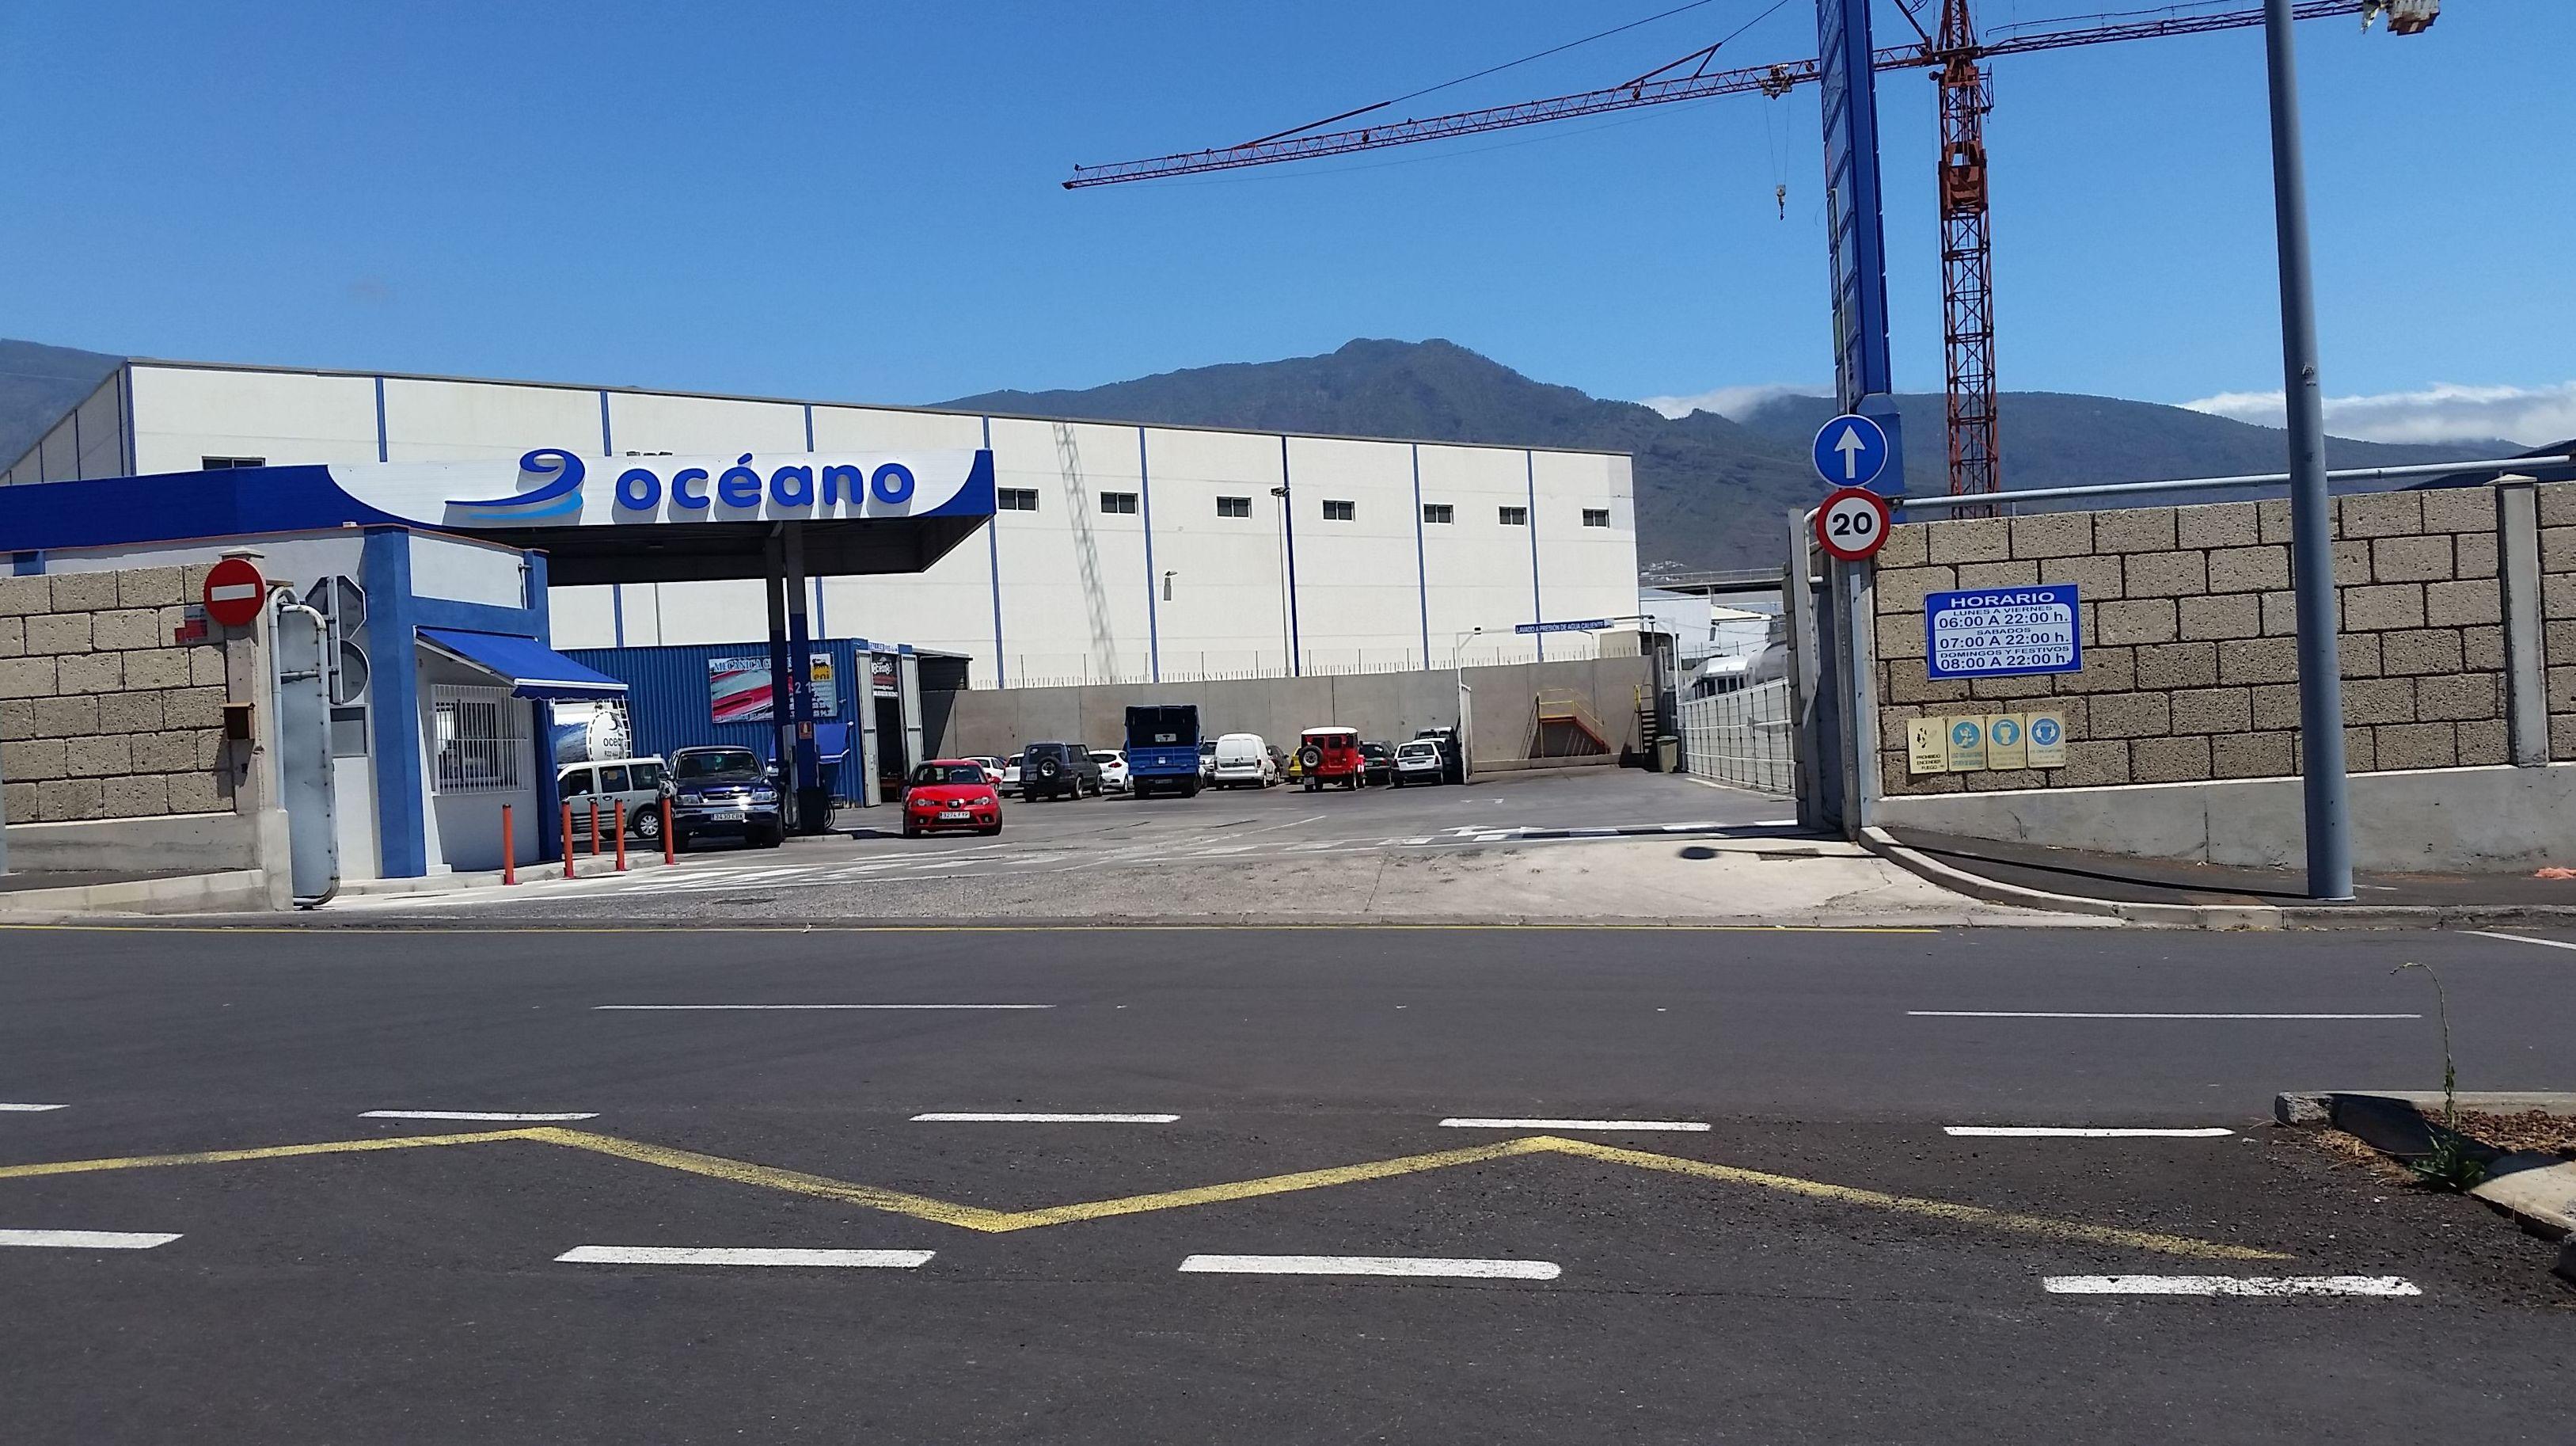 Taller de automóviles en Tenerife